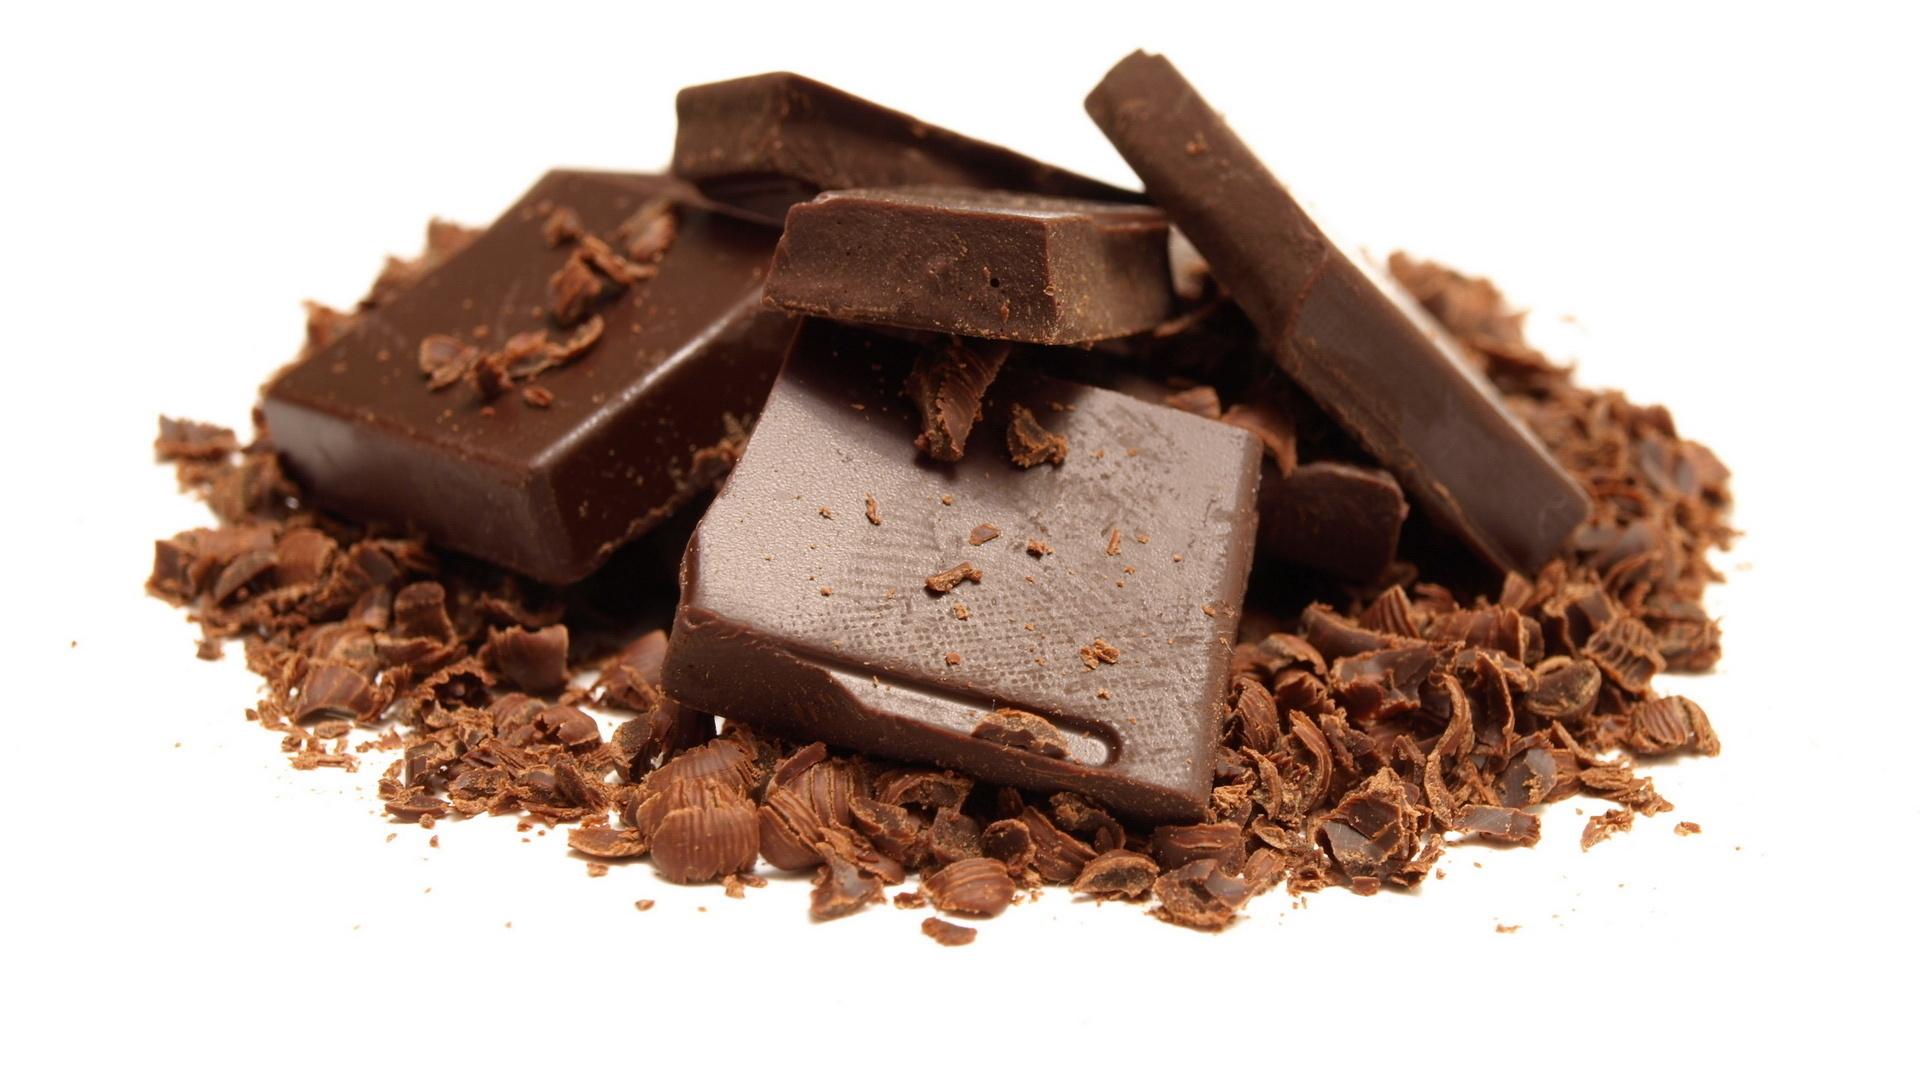 угрожающие шоколад картинка прозрачный фон давно многим